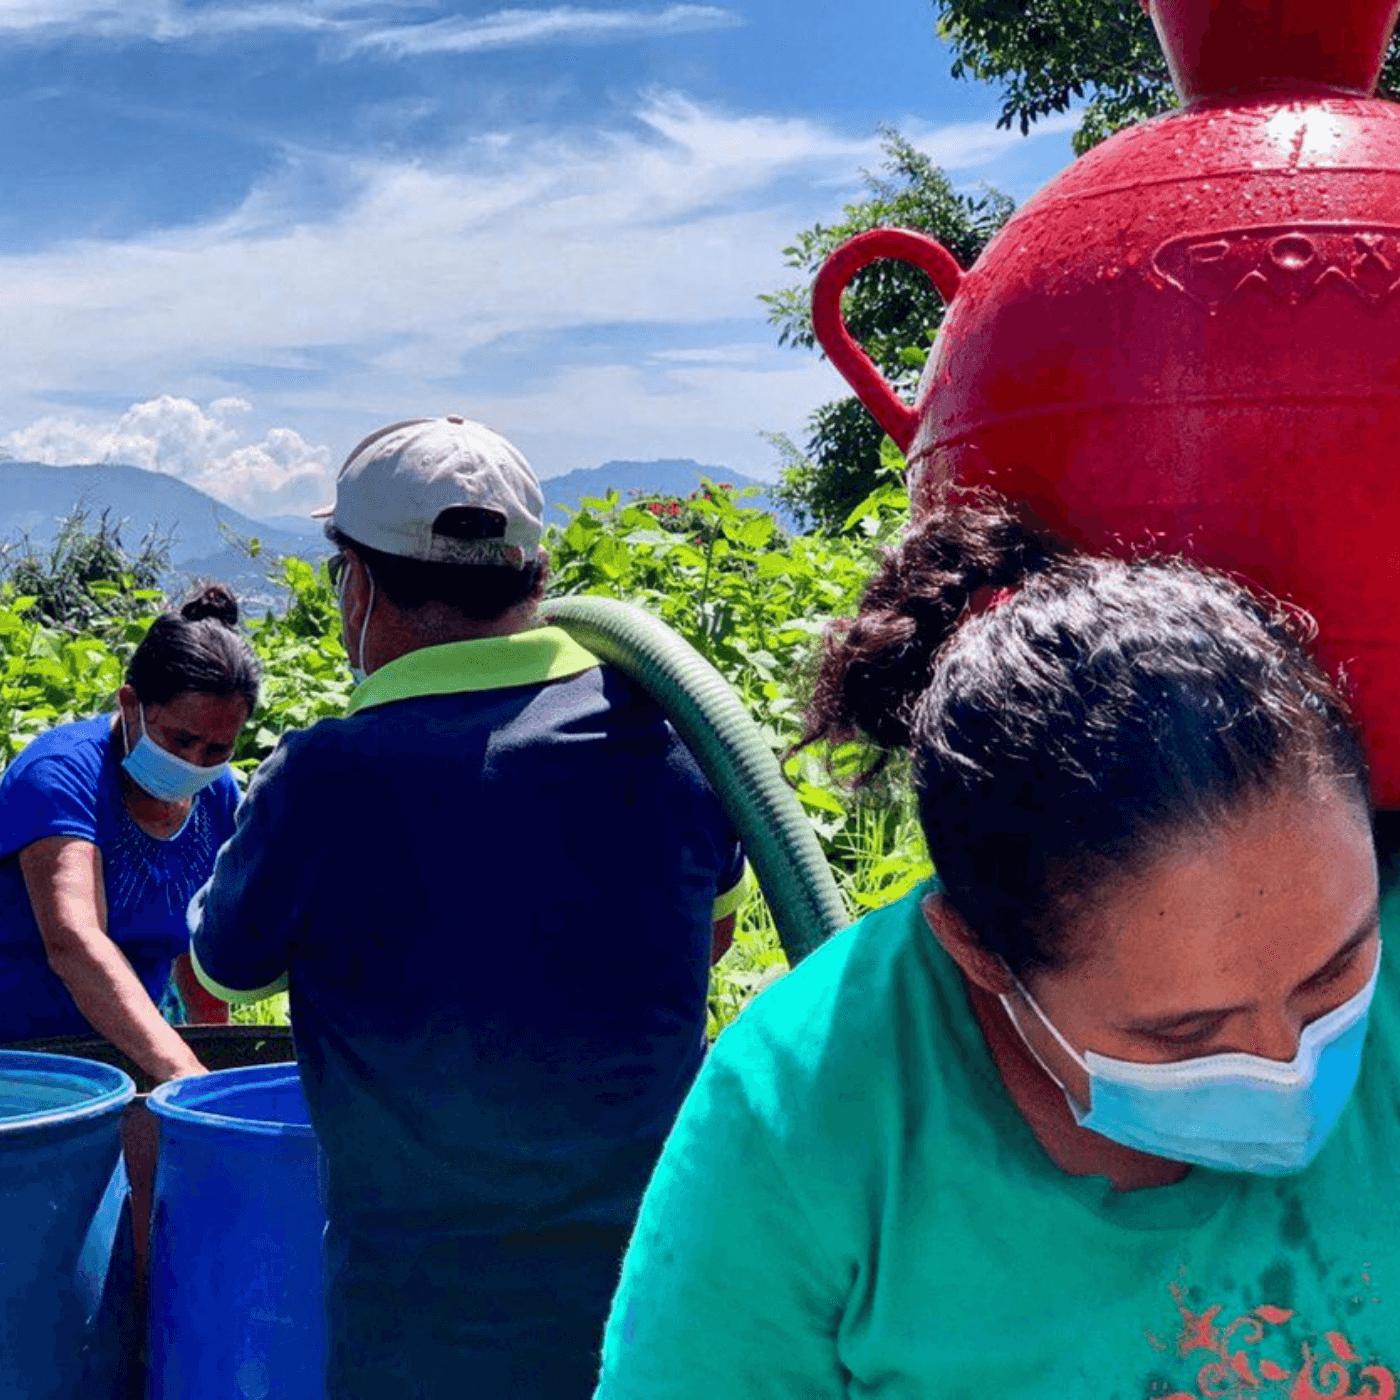 La Gestión Central Del Agua Y Las Soluciones Locales. Suministro agua. Fotografía. Roberto d'Aubuisson. 2021